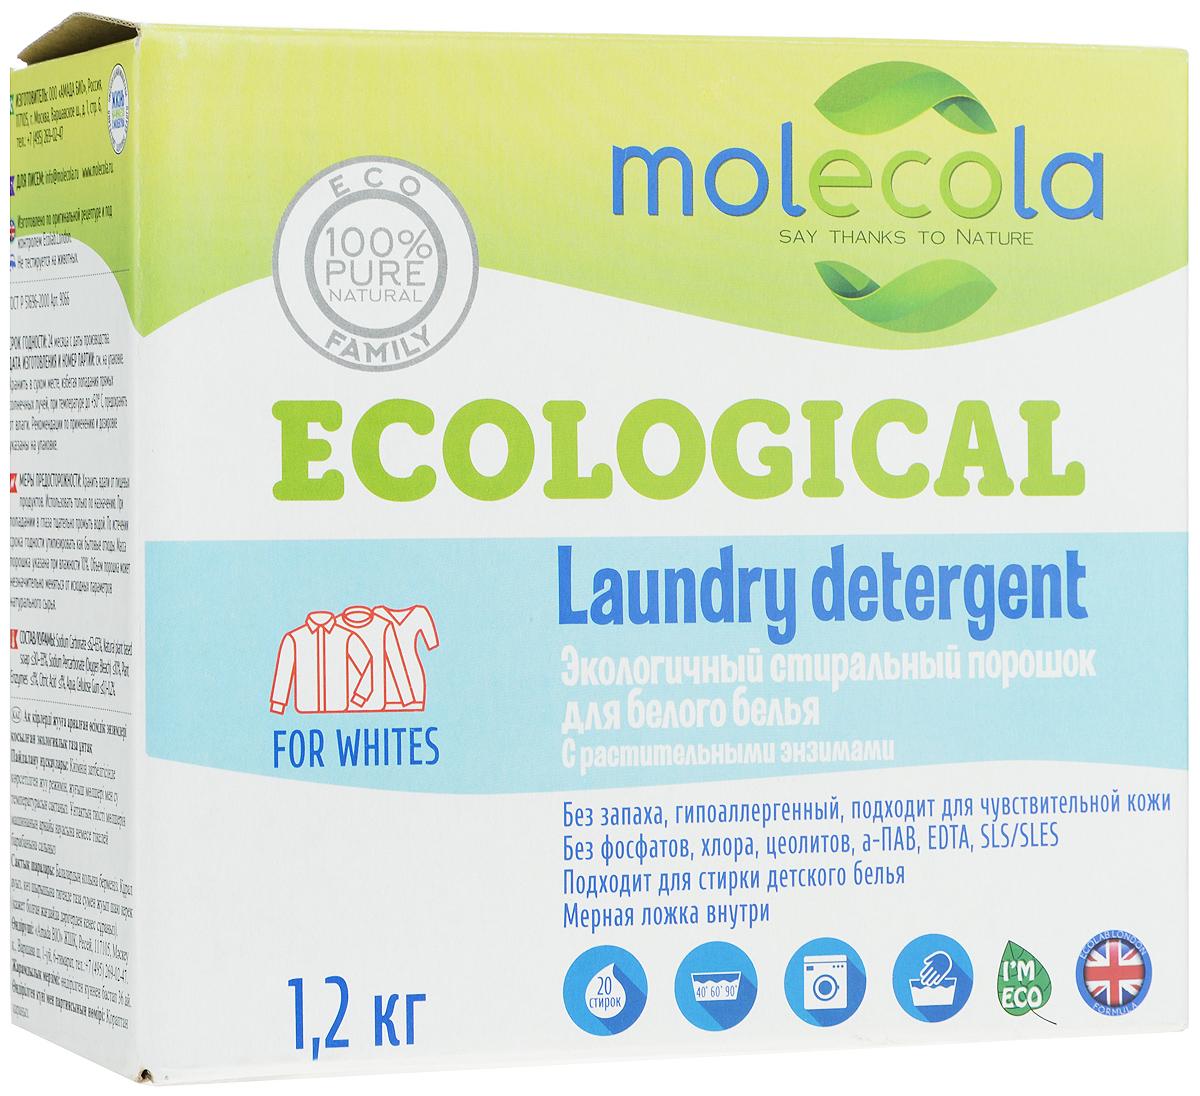 Стиральный порошок Molecola, для белого белья, с растительными энзимами, 1,2 кг121100Экологичный стиральный порошок Molecola эффективно удаляет загрязнения, не повреждая волокна ткани. Высокая концентрация натурального мыла обеспечивает эффективную стирку и экономию средства. Порошок рекомендован для стирки детского белья и одежды беременных и кормящих женщин, а так же людей, имеющих аллергическую реакцию на средства бытовой химии. Средство защищает от накипи, не наносит вреда окружающей среде, полностью биоразлагаемо. Не содержит оптического отбеливателя, фосфатов, хлора, цеолитов, а-ПАВ, EDTA, SLS/SLES, искусственных красителей и синтетических ароматизаторов. Подходит для стиральных машин любого типа и ручной стирки. Предназначен для стирки хлопчатобумажных, льняных тканей, изделий из вискозы и искусственных волокон. Рекомендуемая температура стирки не менее +40°С.Внутри коробки находится мерная ложка.Состав: Sodium Carbonate =Товар сертифицирован.Уважаемые клиенты! Обращаем ваше внимание на возможные изменения в дизайне упаковки. Качественные характеристики товара остаются неизменными. Поставка осуществляется в зависимости от наличия на складе.